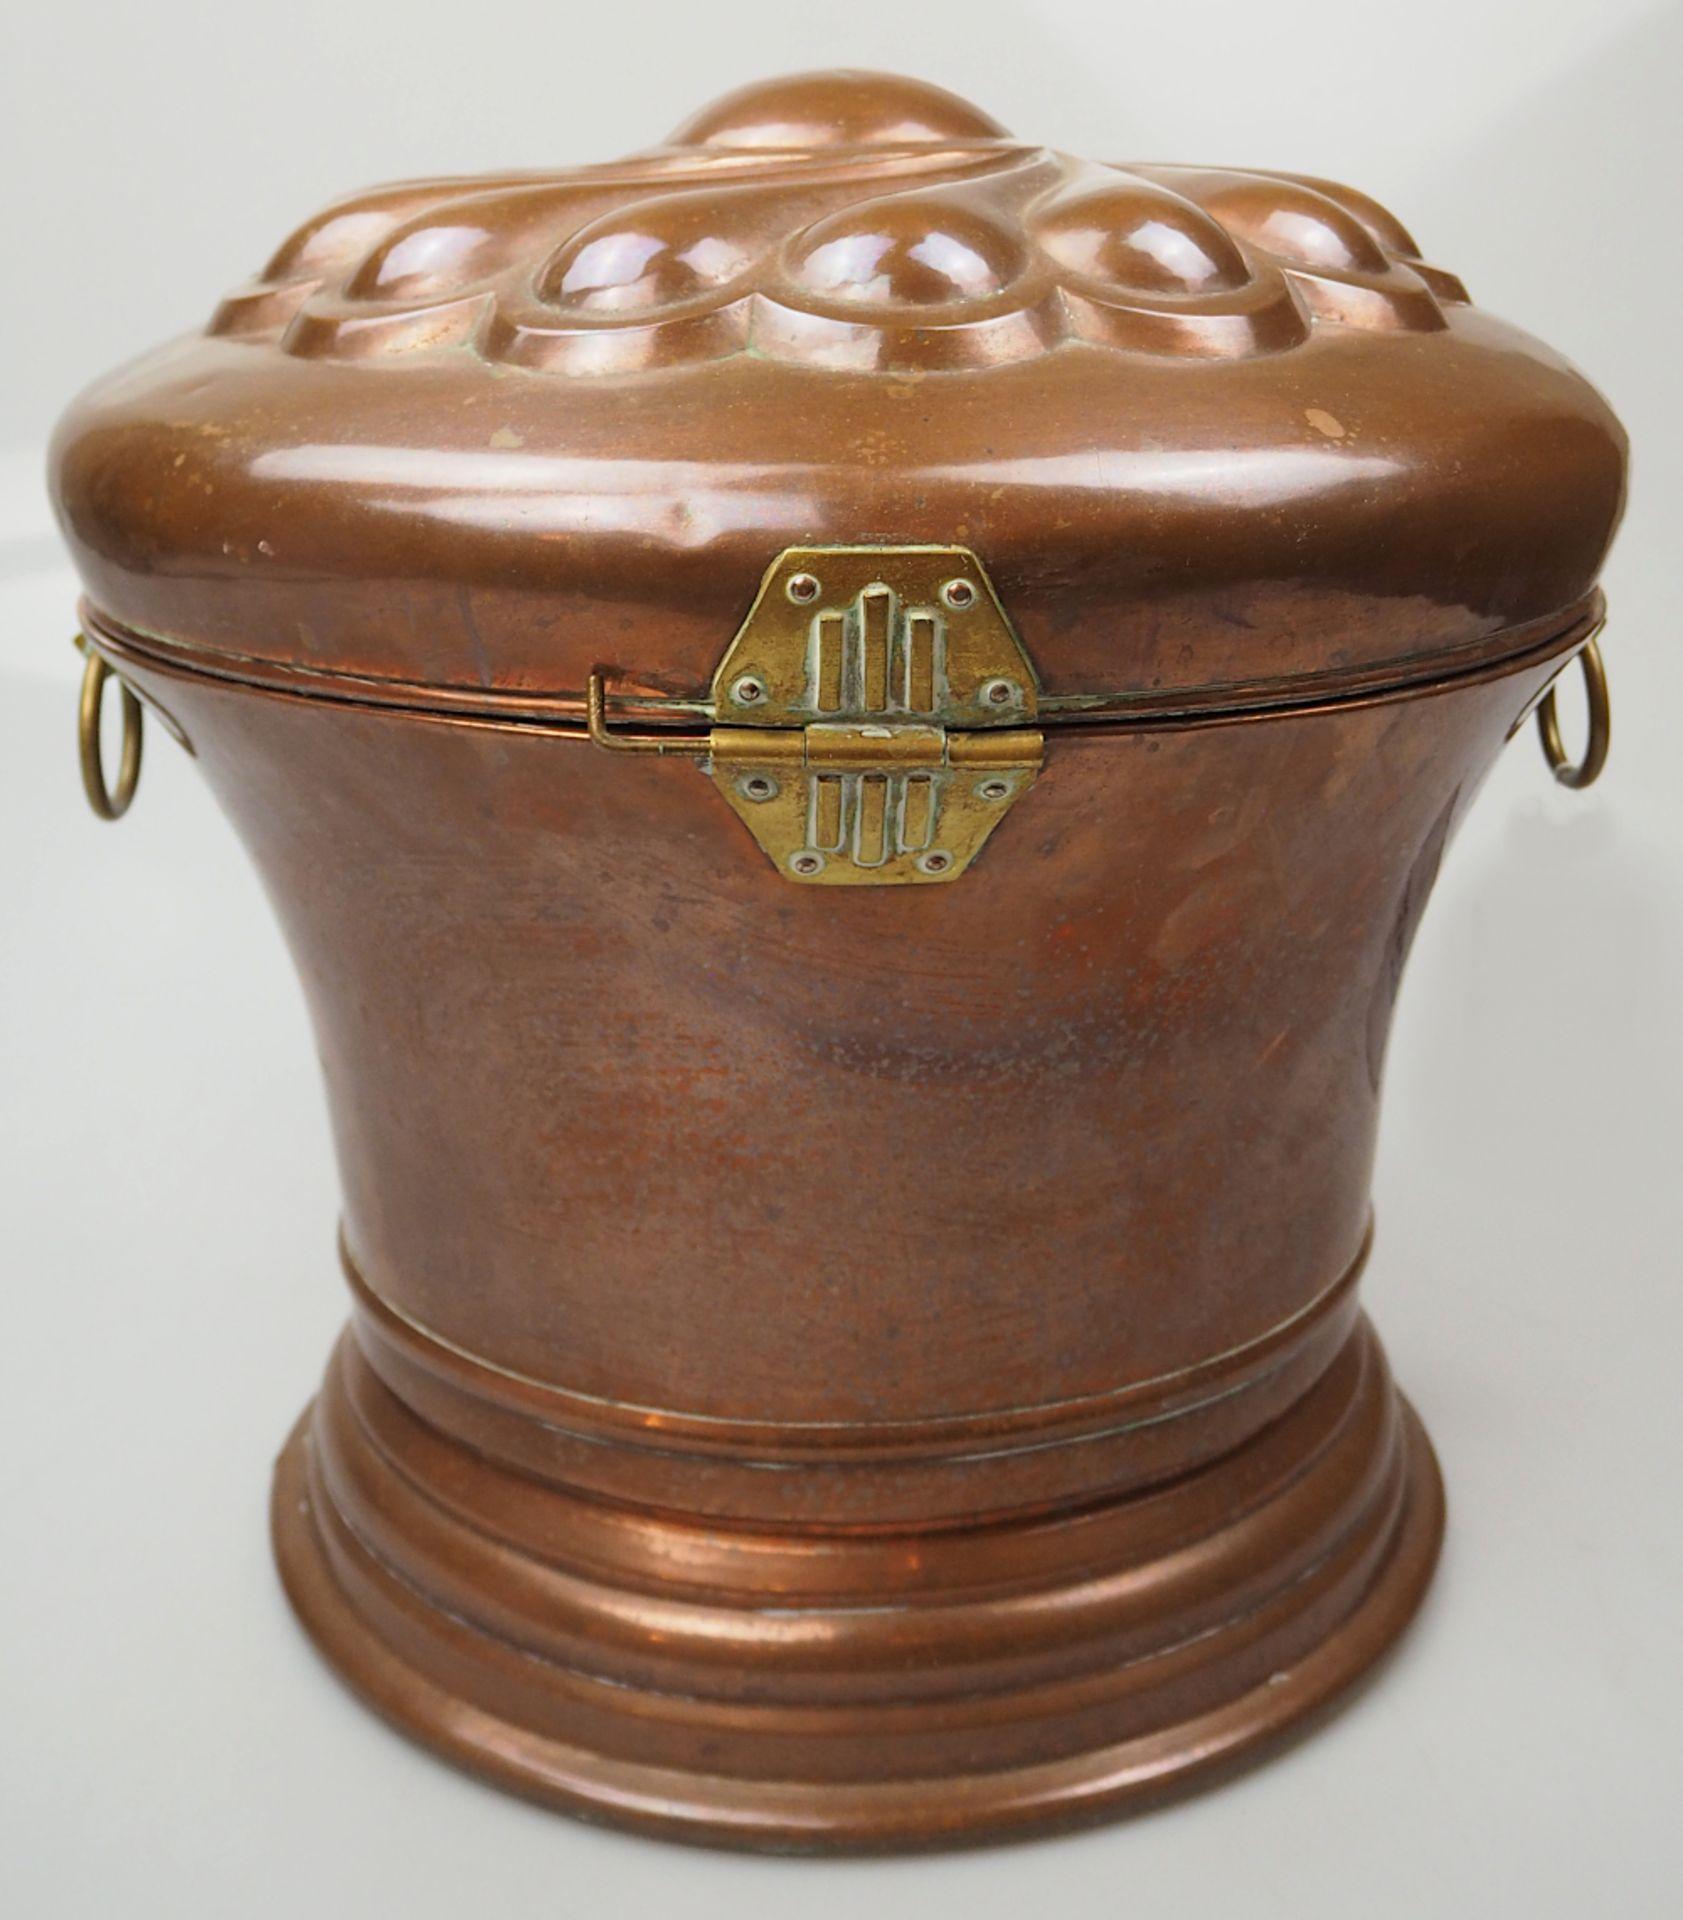 1 Kupferbrotkessel wohl 19. Jh. mit Messingapplikationen auf Deckel godronierter gedre - Bild 3 aus 5